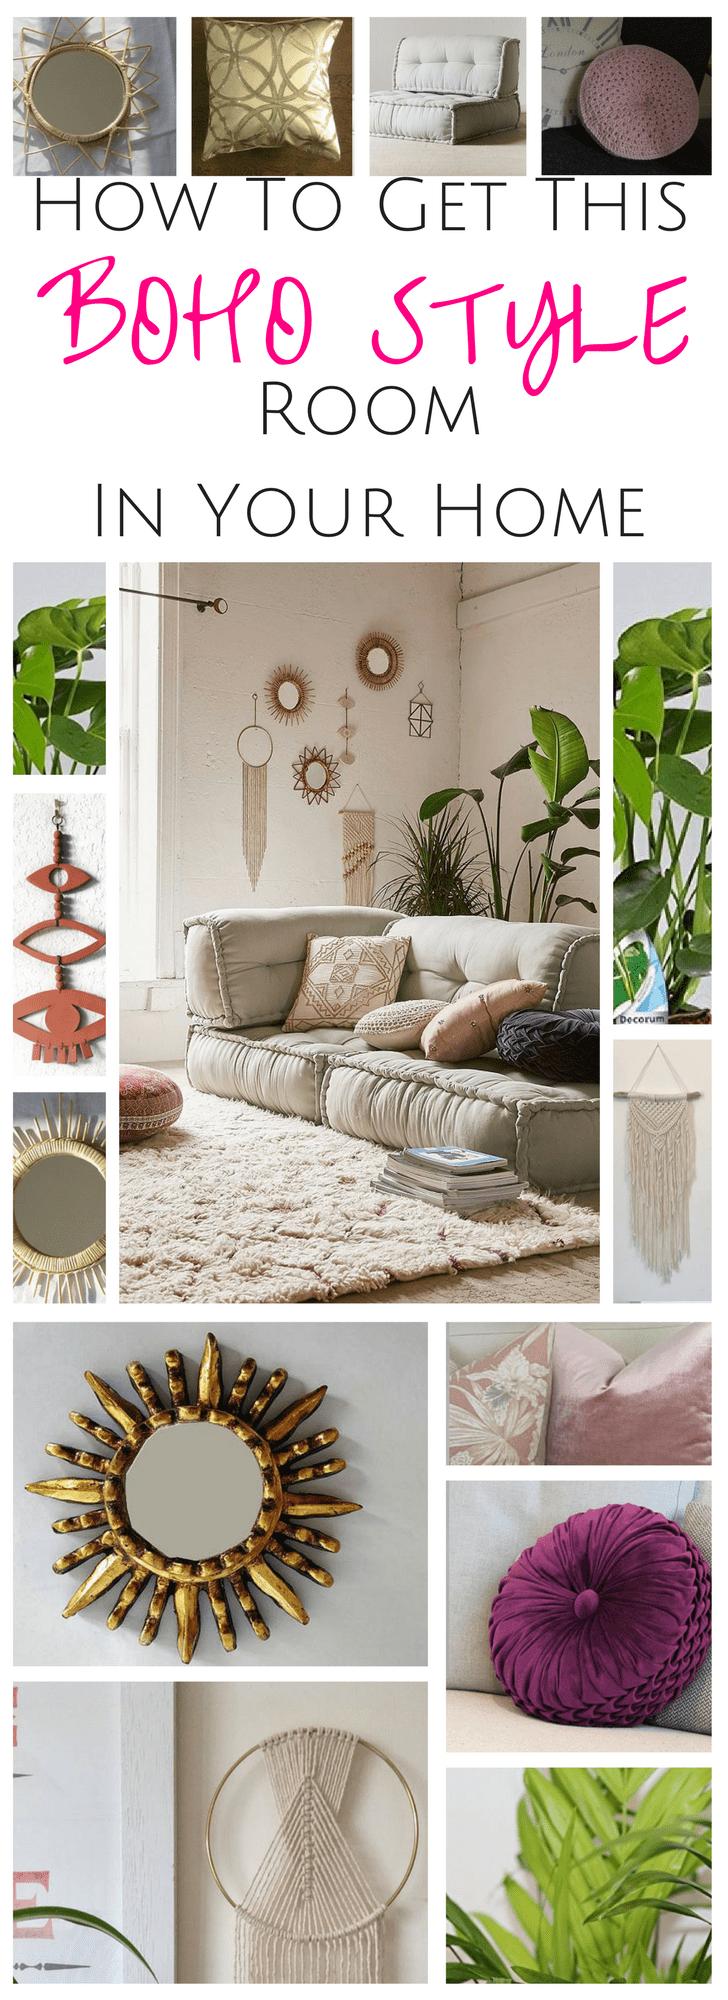 Boho style Room Decor | Home Decor